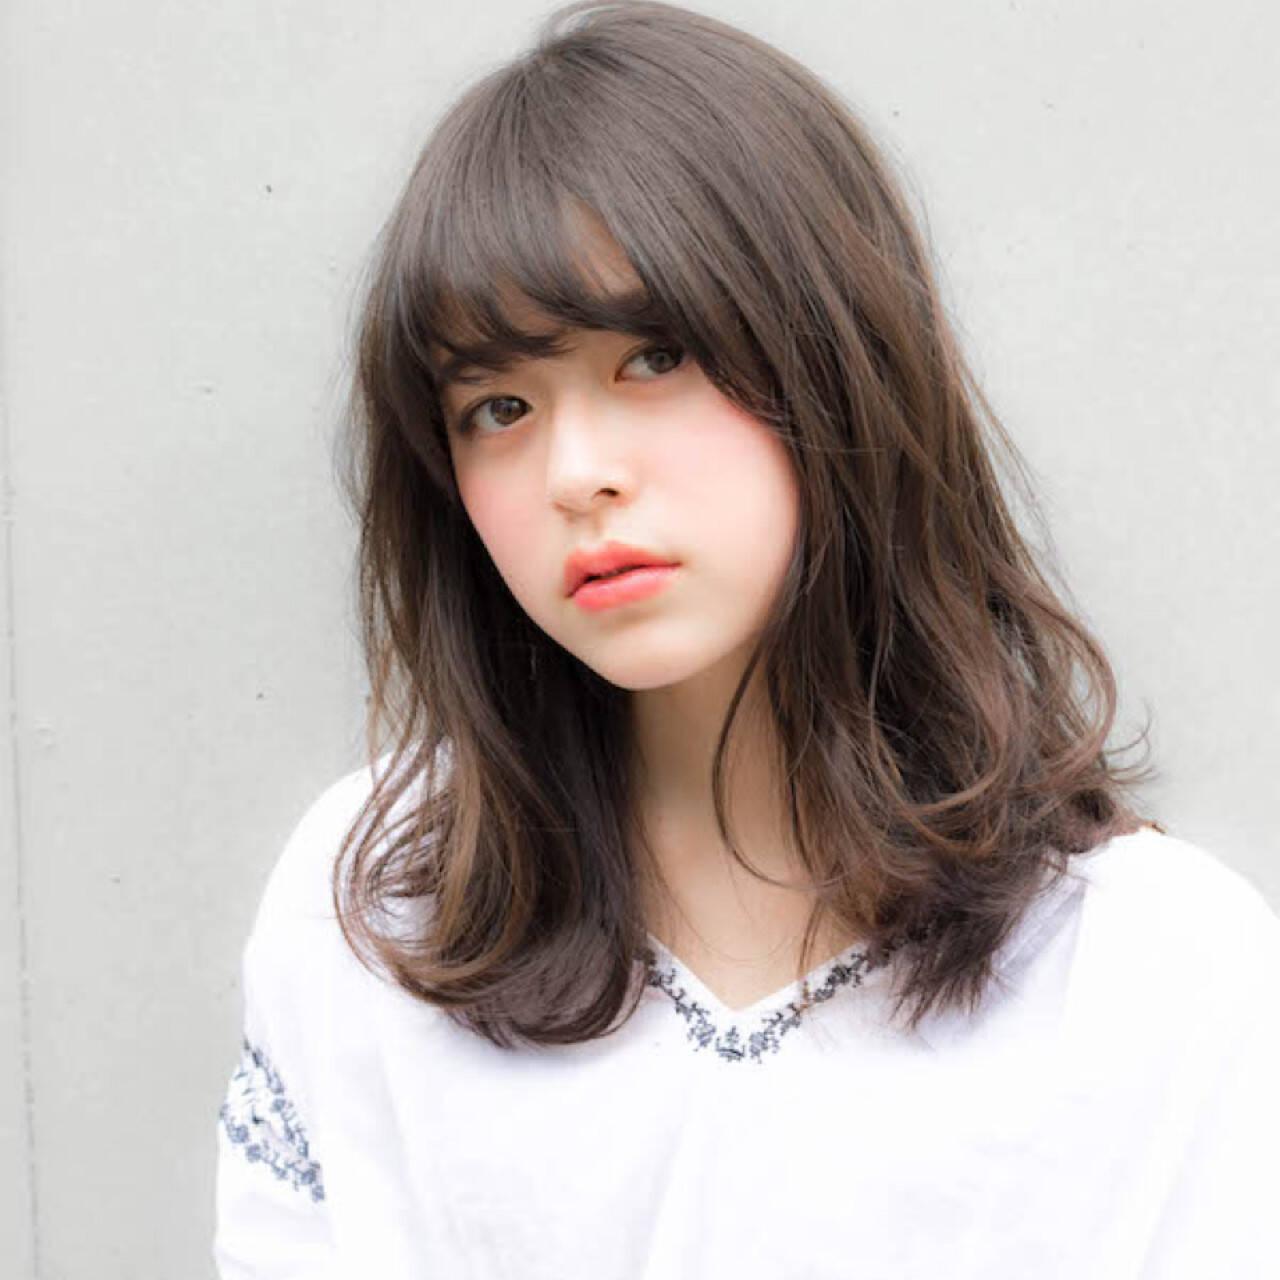 ナチュラル 大人かわいい 前髪あり ミディアムヘアスタイルや髪型の写真・画像